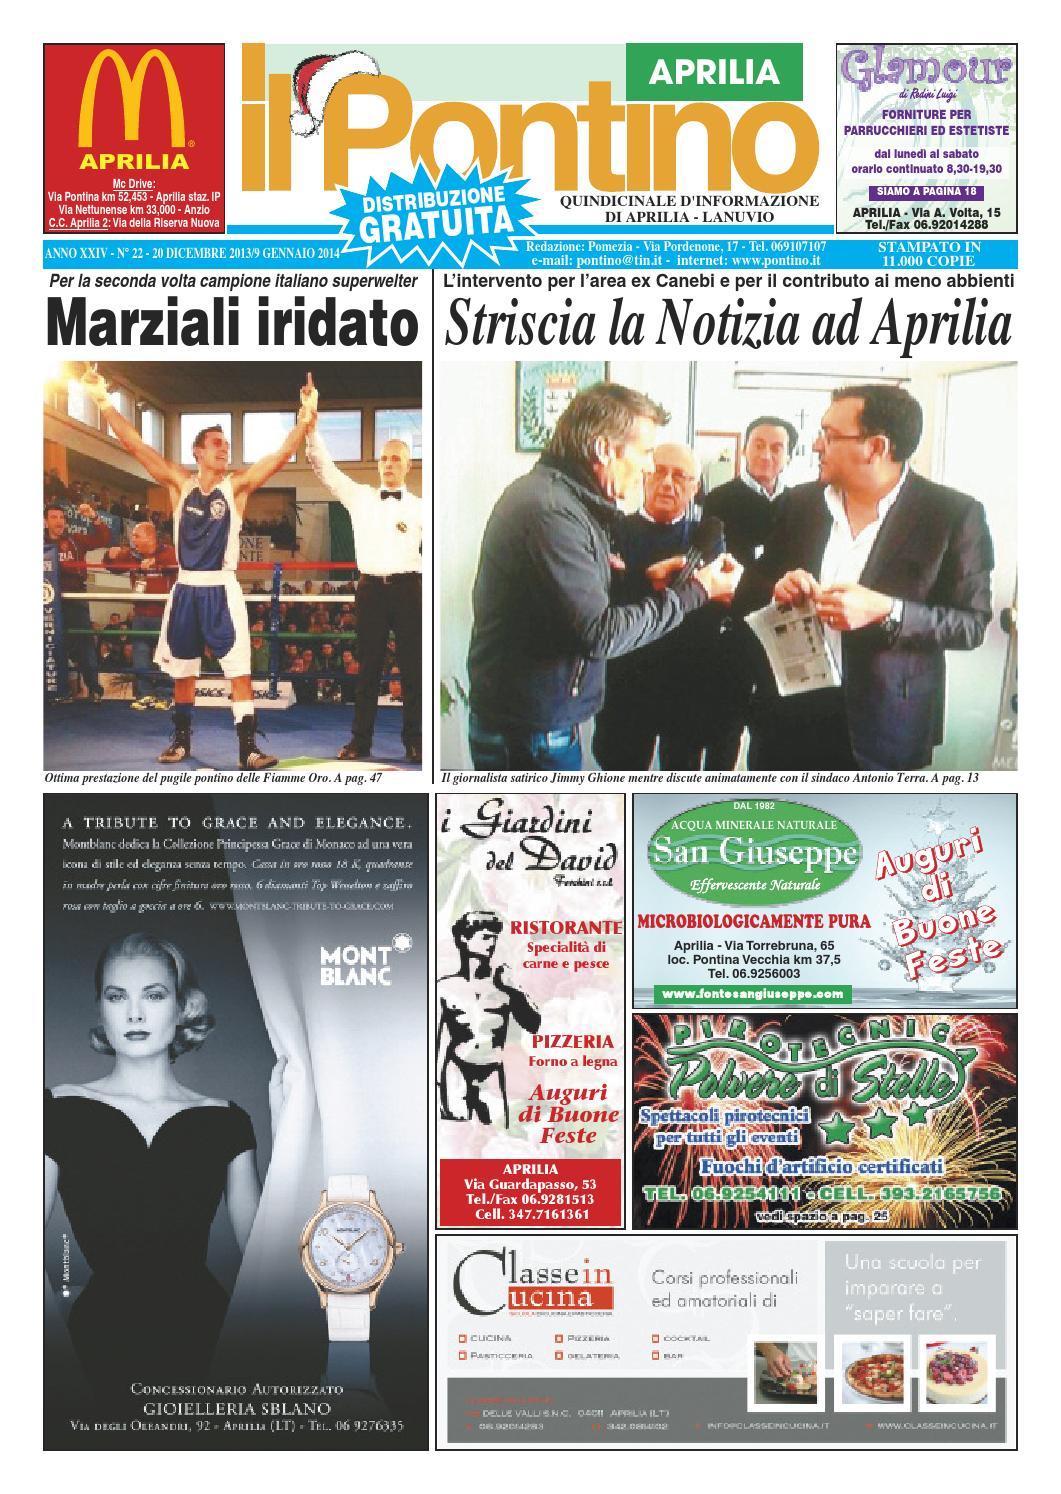 Il Pontino Aprilia n. 22 2013 by Il Pontino Nuovo 8b9fde9e2099